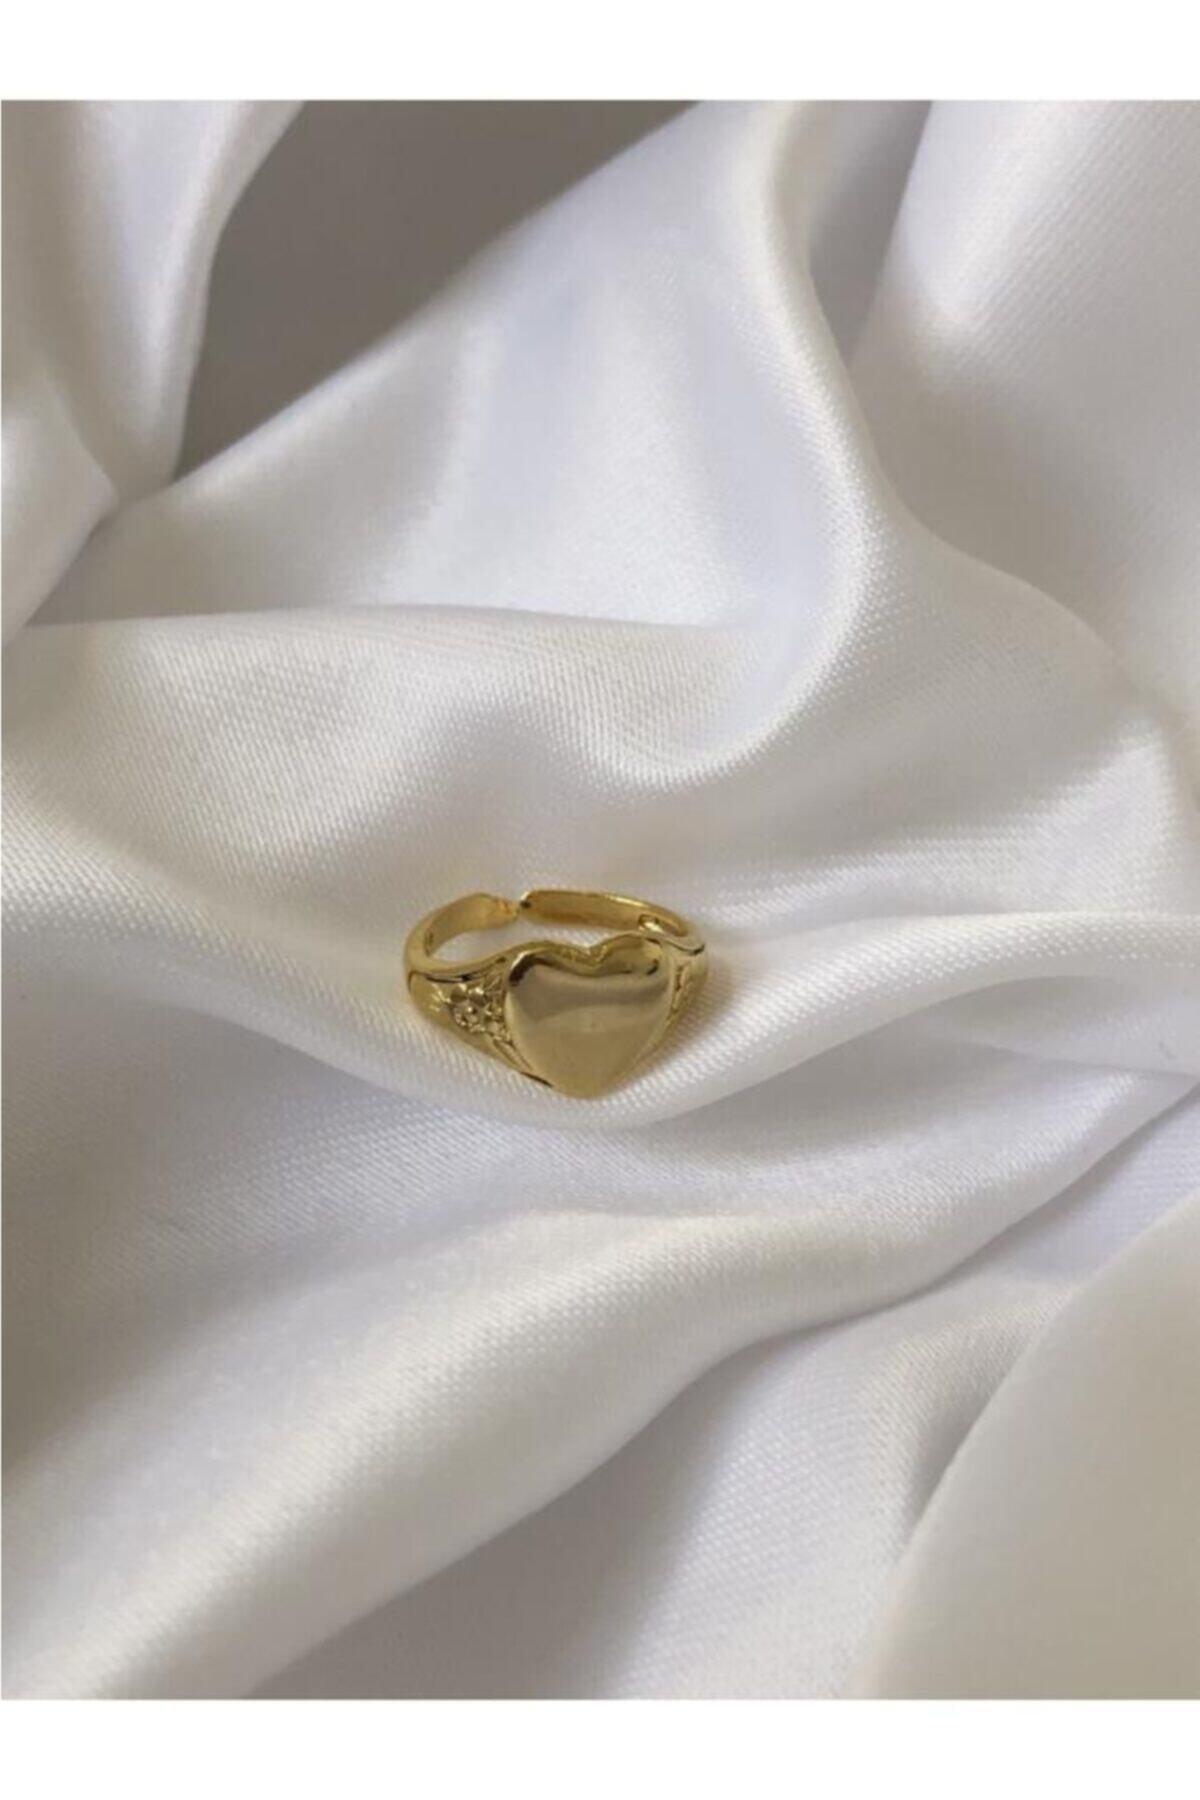 The Y Jewelry Kadın Altın Kaplama Kalp Yüzük 2